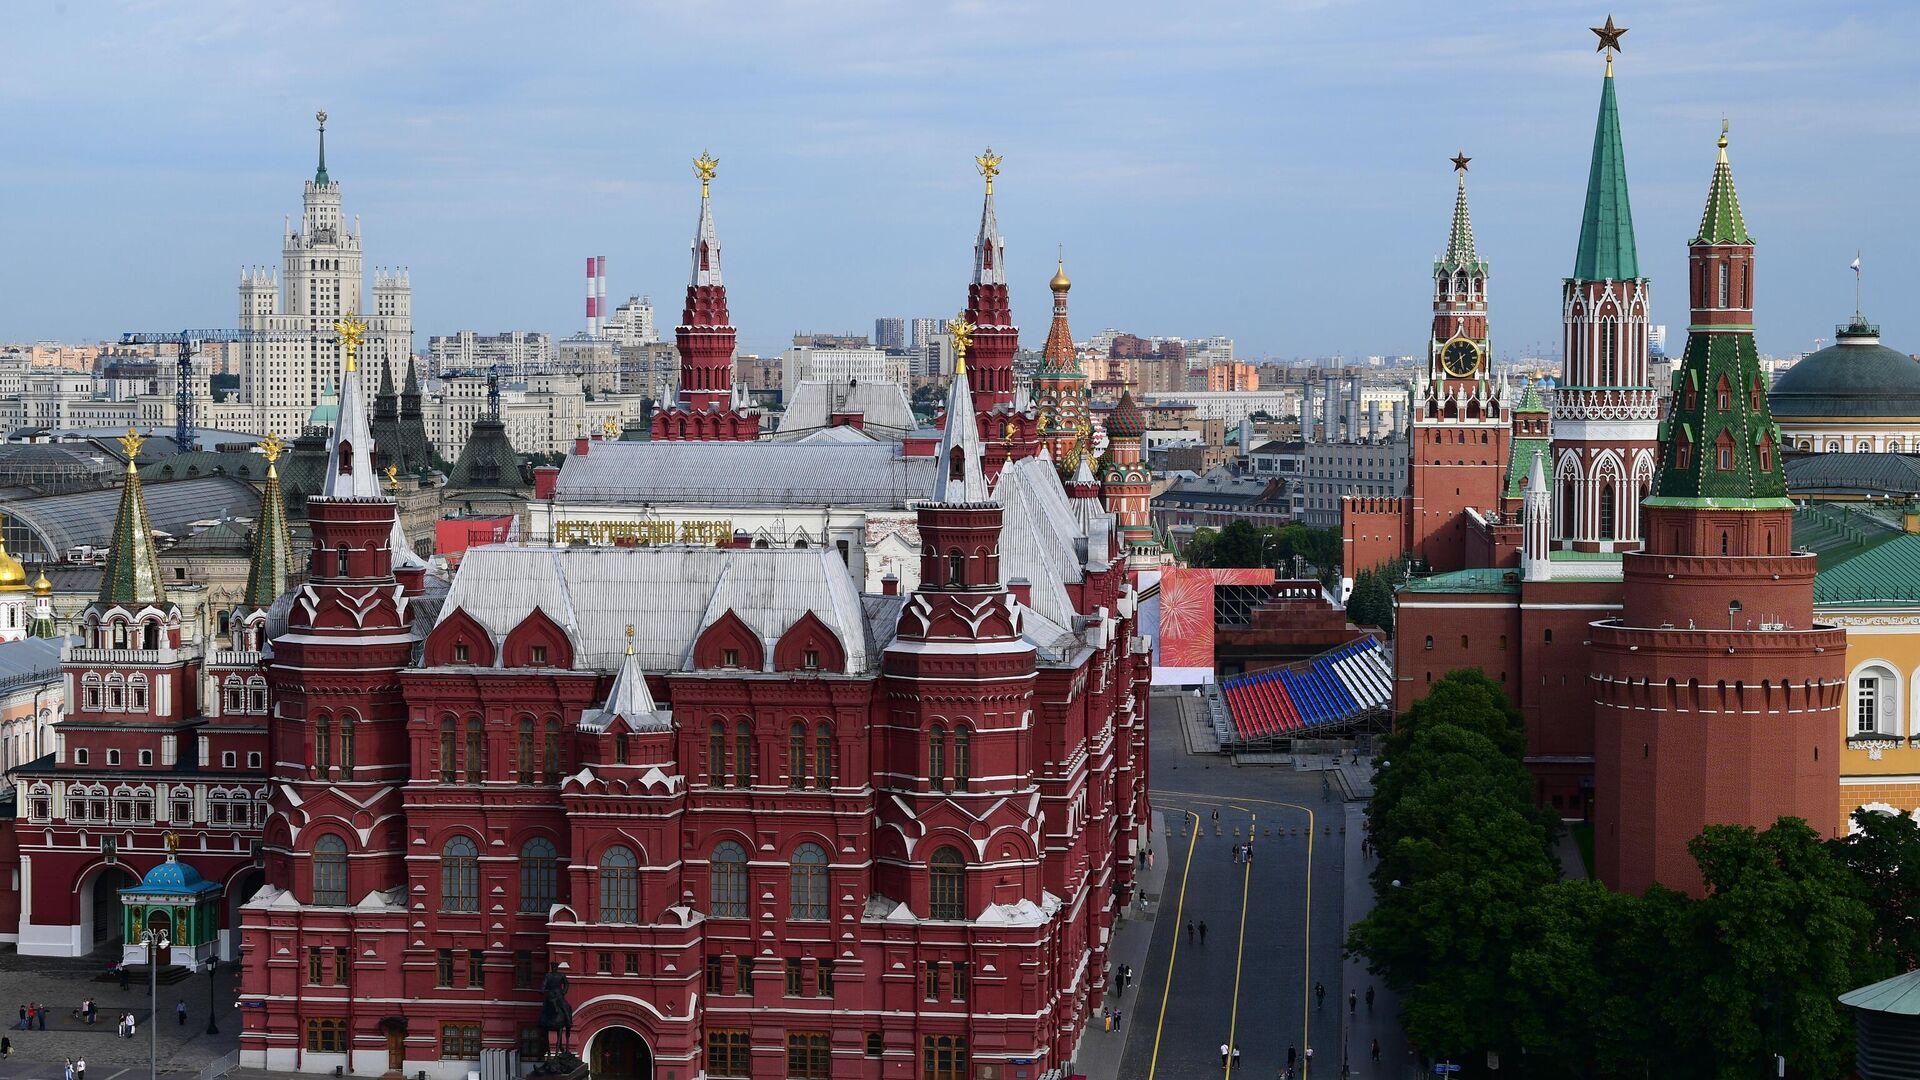 Вид на Исторический музей и Кремль в Москве - РИА Новости, 1920, 11.06.2021